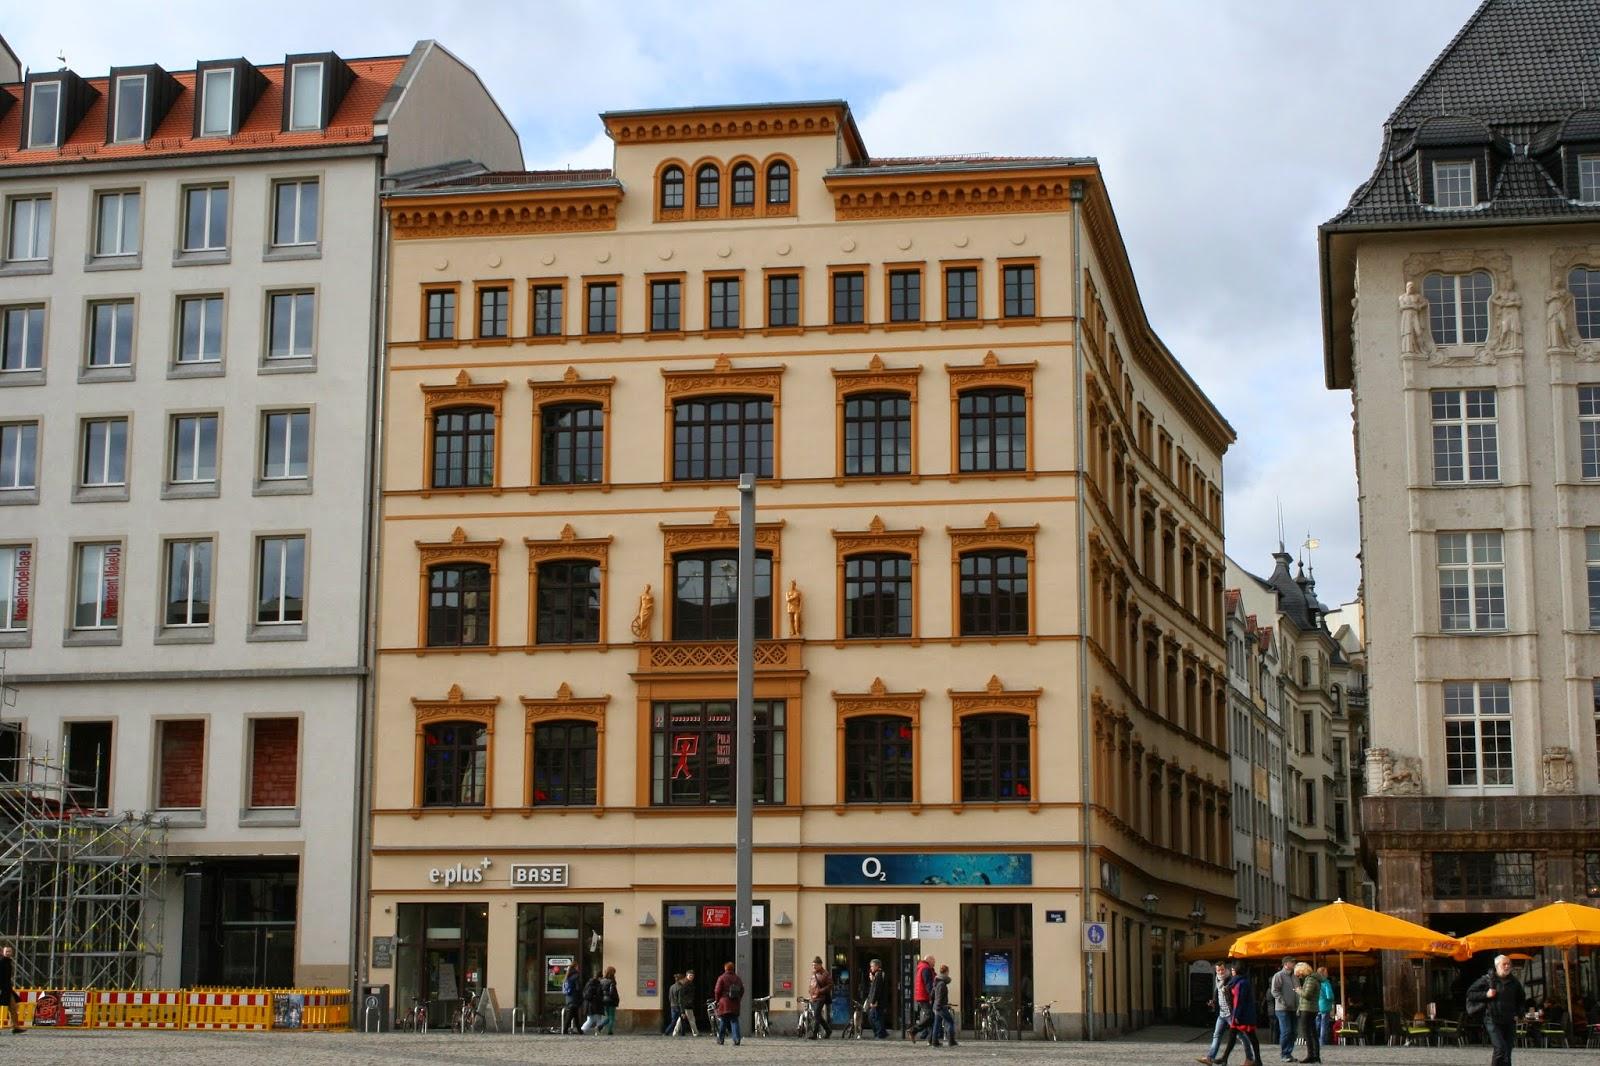 """Die sogenannte """"Kaufhalle"""" ist ein Gebäude, welches direkt am Markt steht und die Nummer 10 trägt - das Haus steht in Ecklage Markt/Barfußgässchen und wurde in den Jahren 1845/46 im Stil des Klassizismus erbaut - den Beinamen """"Kaufhalle"""" erhielt das Gebäude wohl durch die Tatsache, ein Vertreter des Durchhauses der Leipziger Warenmesse zu sein - auch die bedeutende Leipziger Kunsthandlung """"Galerie Del Vecchio"""" war einige Zeit im Gebäude beheimatet"""